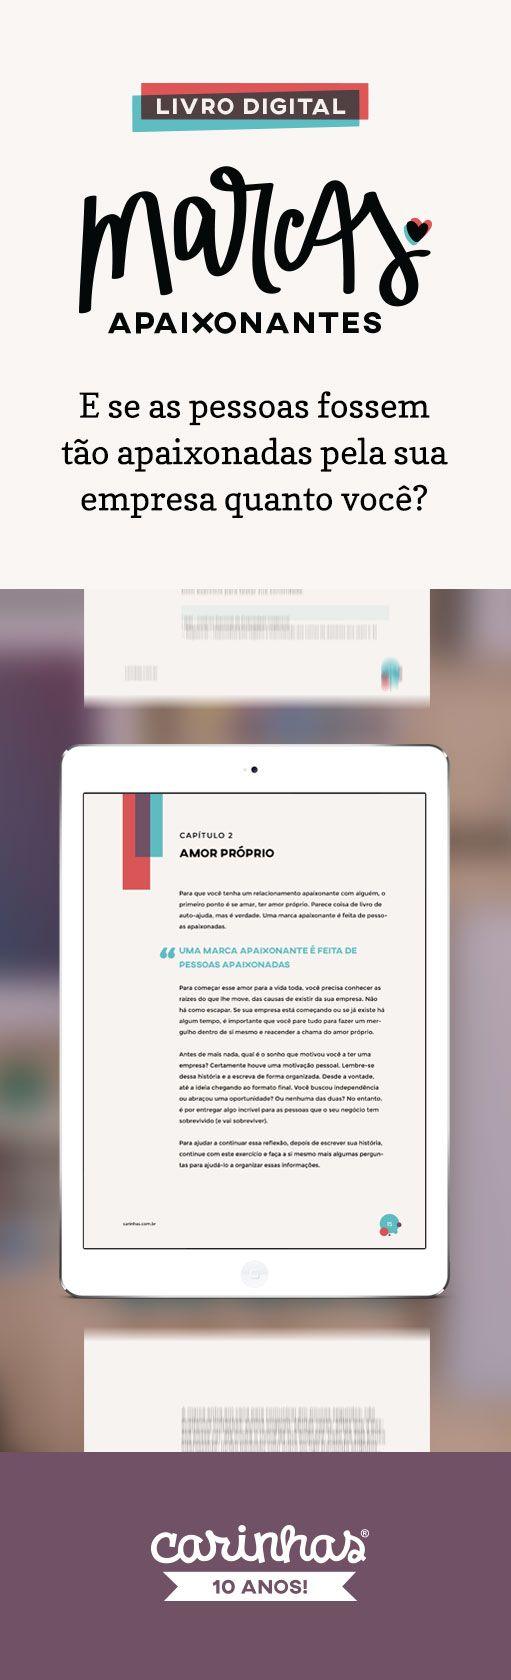 1456d90fe Você gostaria de ver pessoas se apaixonarem pela sua empresa? Nesse livro  digital, aprenda como pequenas empresas usam o design e… | Põe na prática!